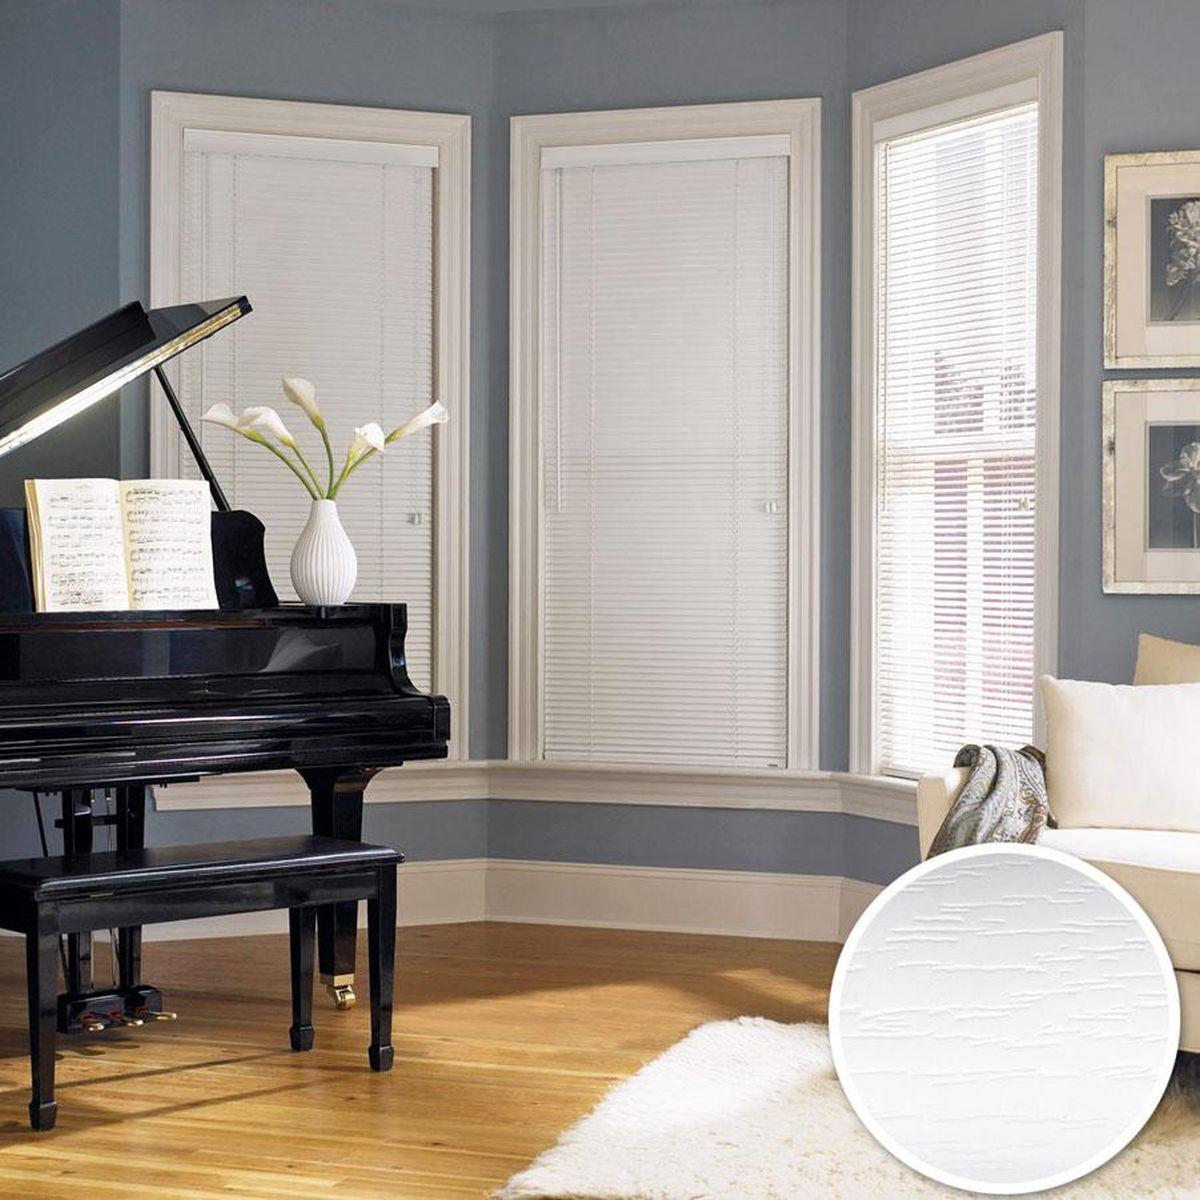 Жалюзи Эскар, цвет: белый, ширина 60 см, высота 160 см012H1800Для того чтобы придать интерьеру изюминку и завершенность, нет ничего лучше, чем использовать жалюзи на окнах квартиры, дома или офиса. С их помощью можно подчеркнуть индивидуальный вкус, а также стилевое оформление помещения. Помимо декоративных функций, жалюзи выполняют и практические задачи: они защищают от излишнего солнечного света, не дают помещению нагреваться, а также создают уют в темное время суток.Пластиковые жалюзи - самое универсальное и недорогое решение для любого помещения. Купить их может каждый, а широкий выбор размеров под самые популярные габариты сделает покупку простой и удобной. Пластиковые жалюзи имеют высокие эксплуатационные характеристики - они гигиеничны, что делает их незаменимыми при монтаже в детских и медицинских учреждениях.